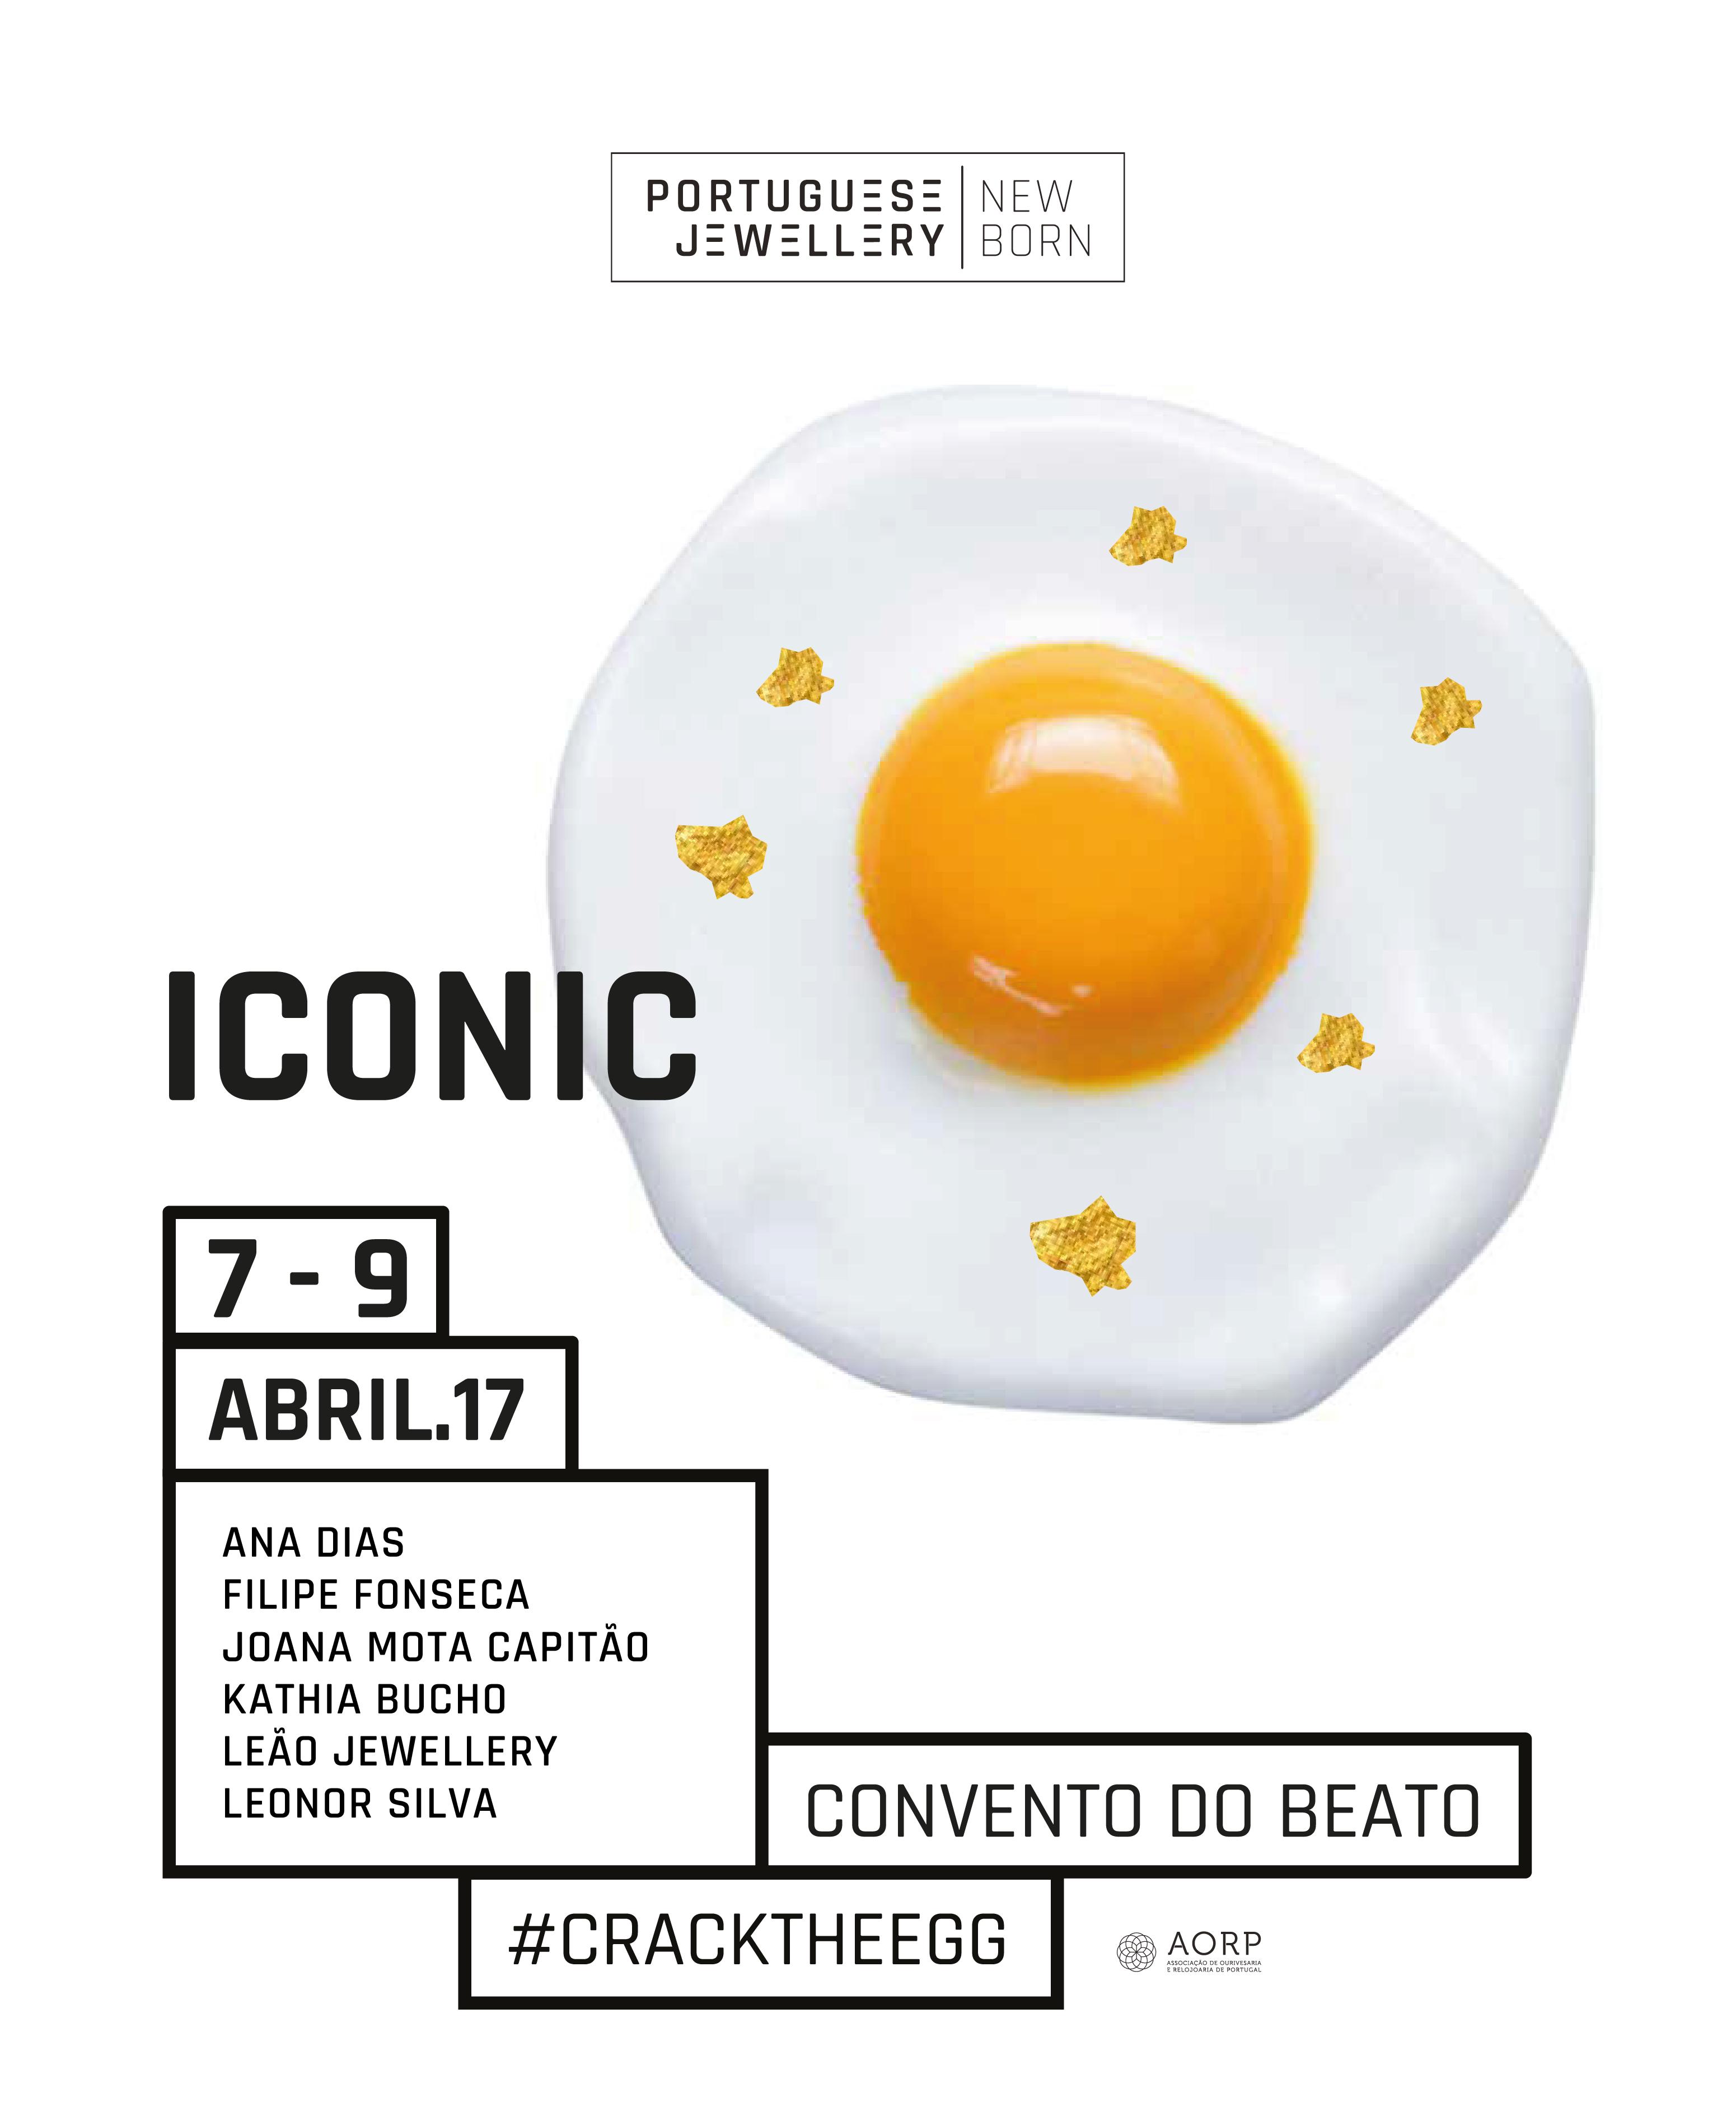 Imagem da notícia: Novos criadores de joalharia portuguesa na ICONIC